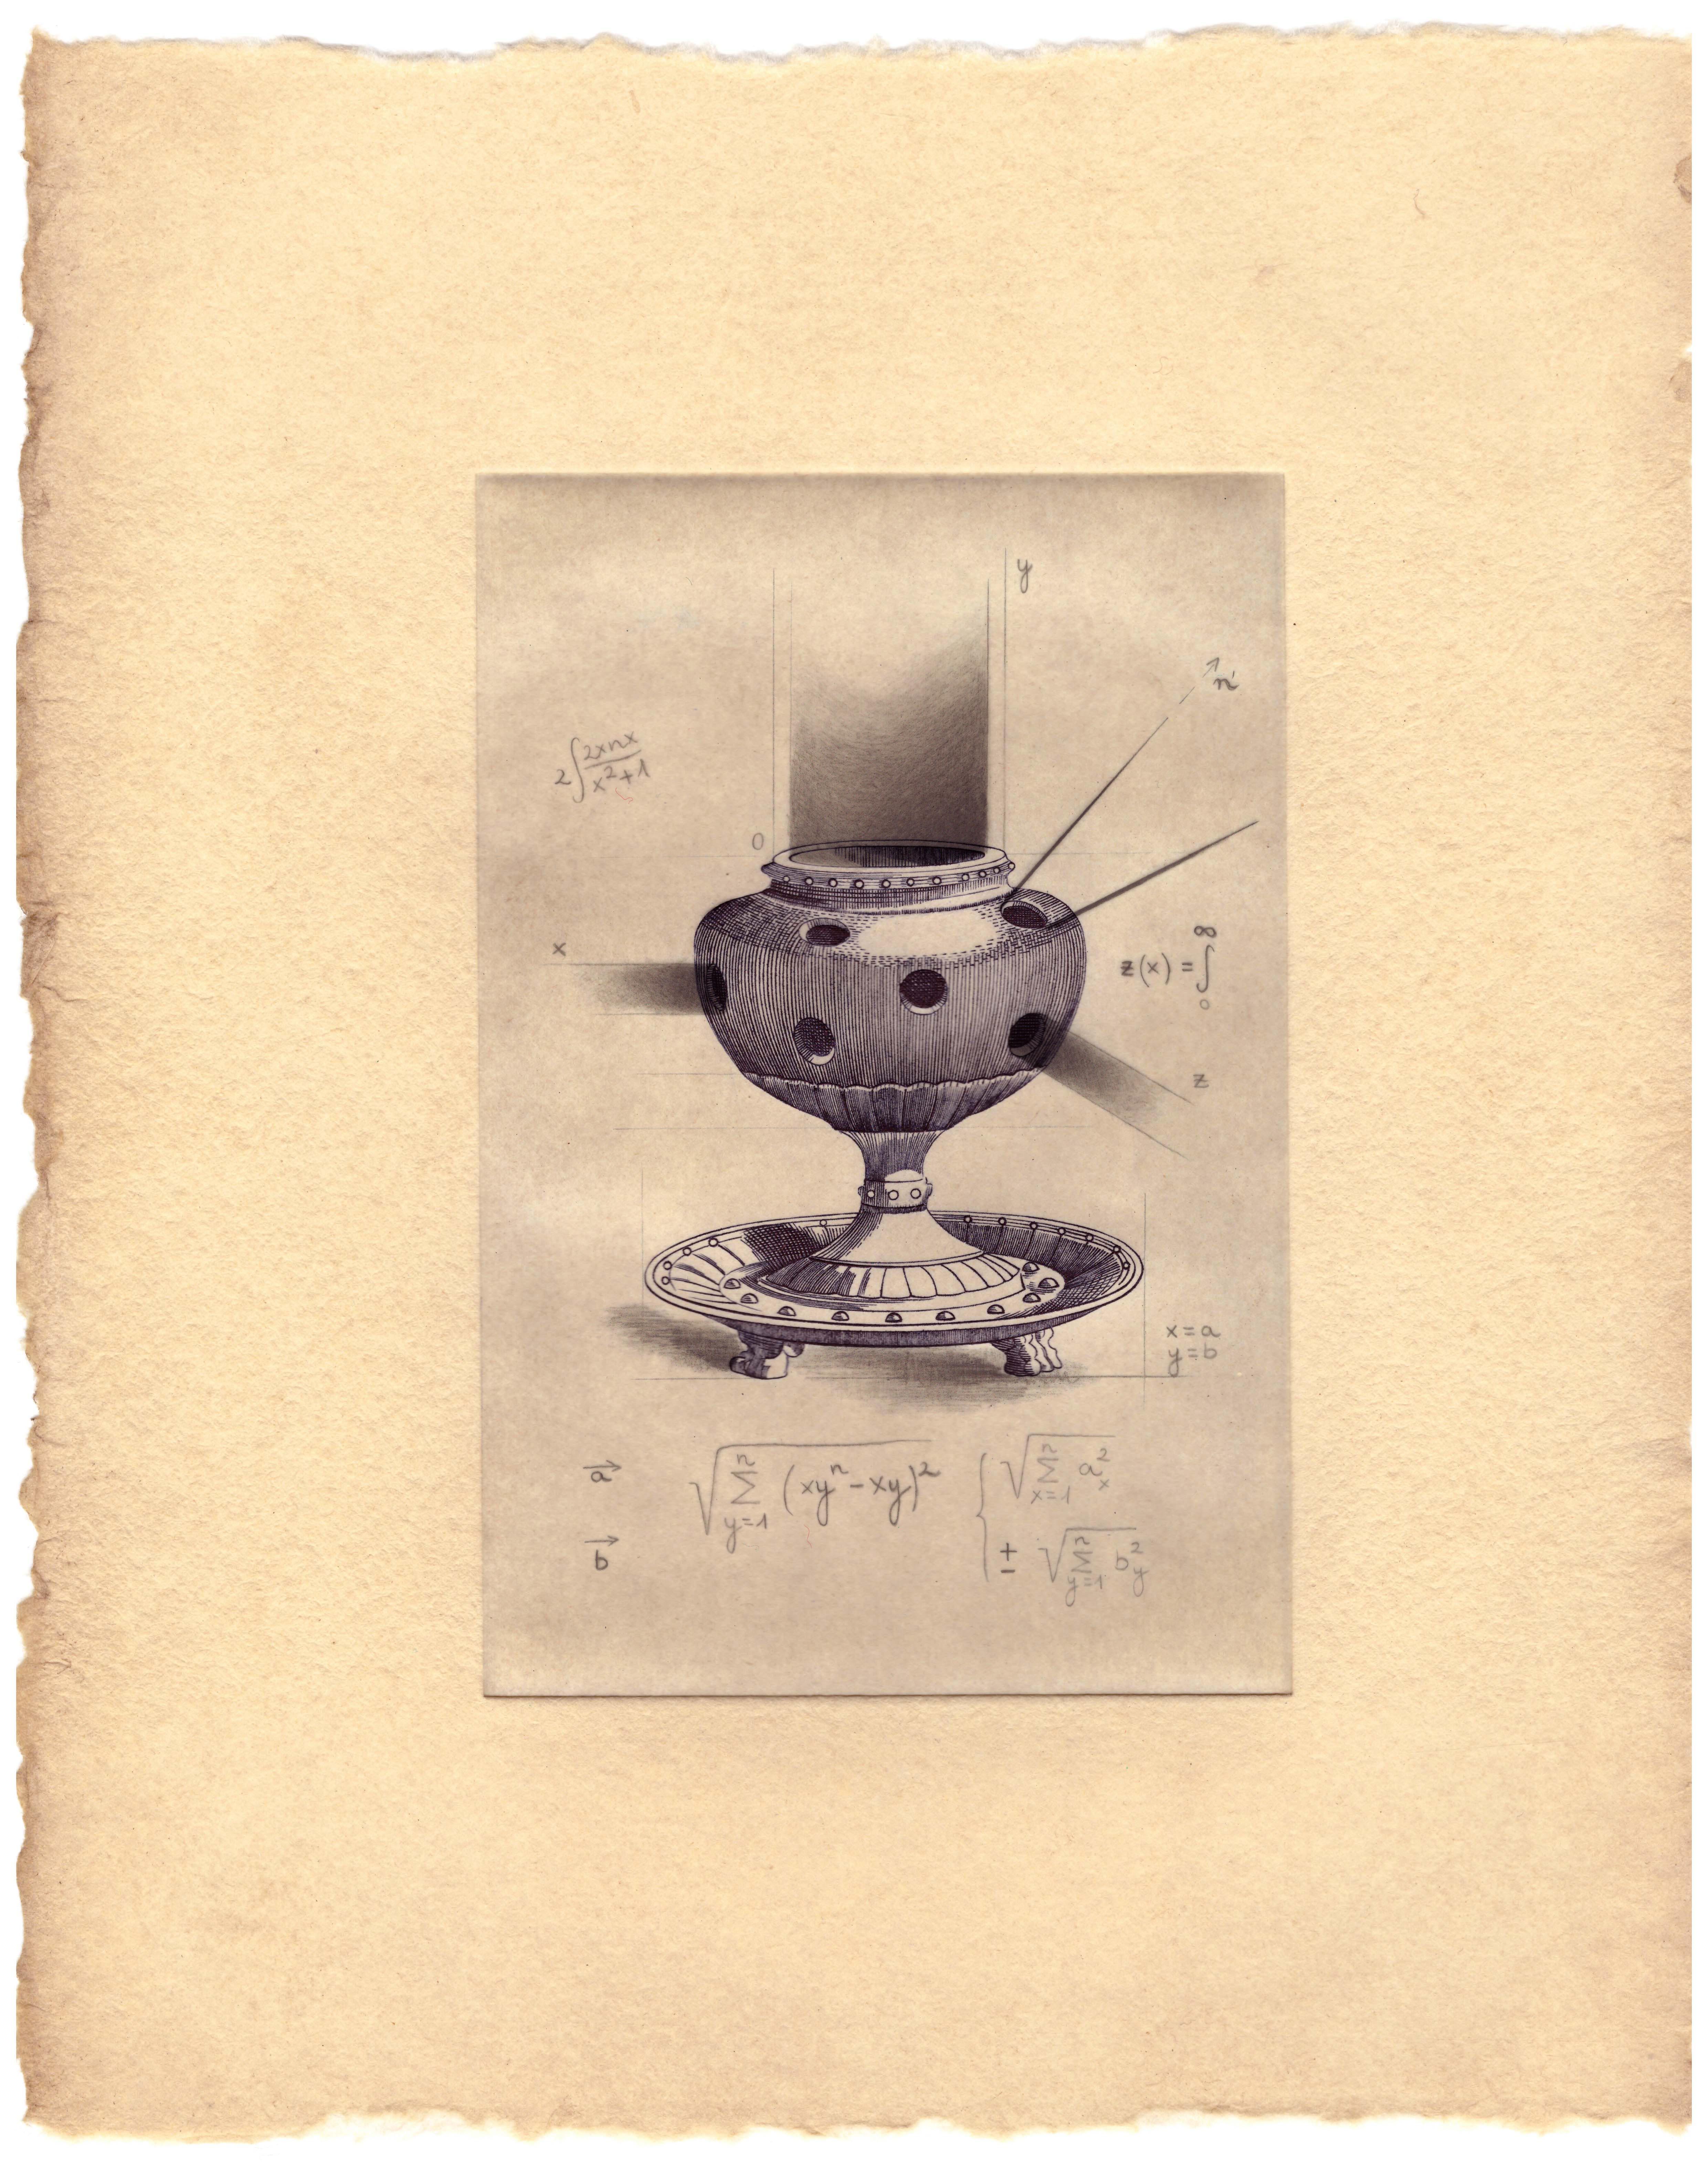 Vase III + Emptiness III = MEMORY